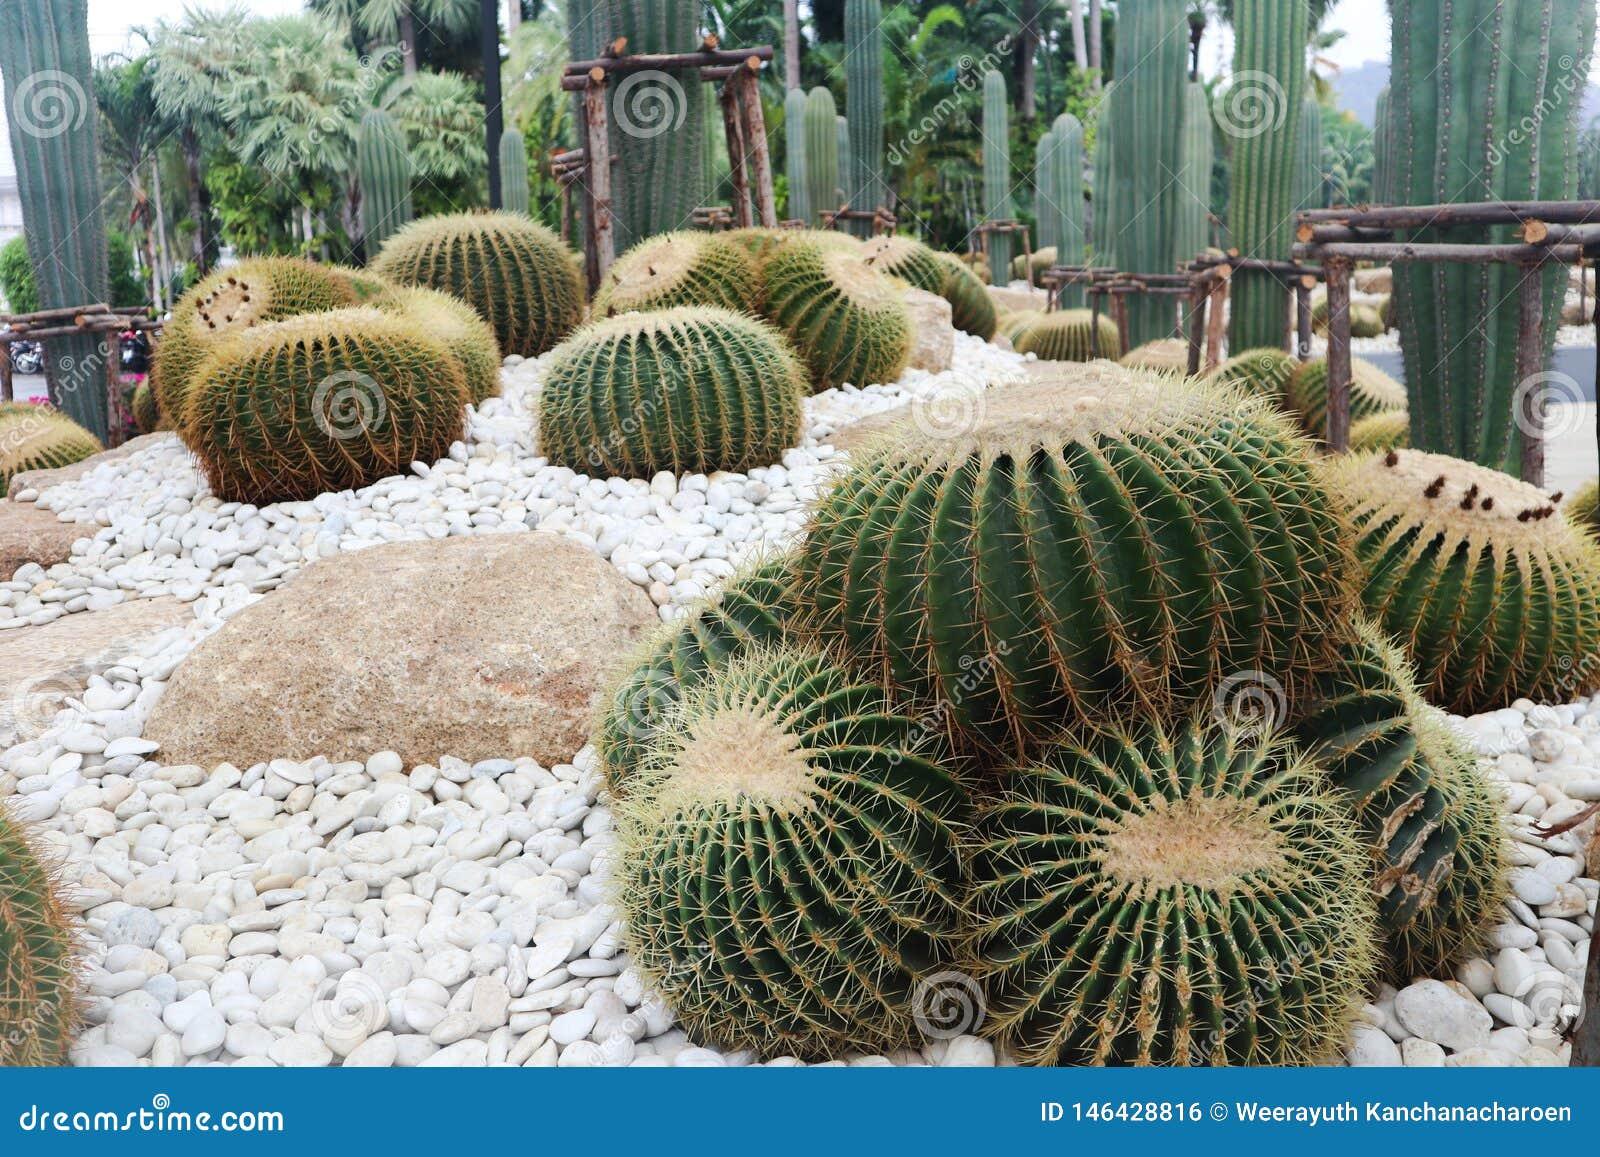 Bel arbre de cactus dans les jardins ext?rieurs et des parcs